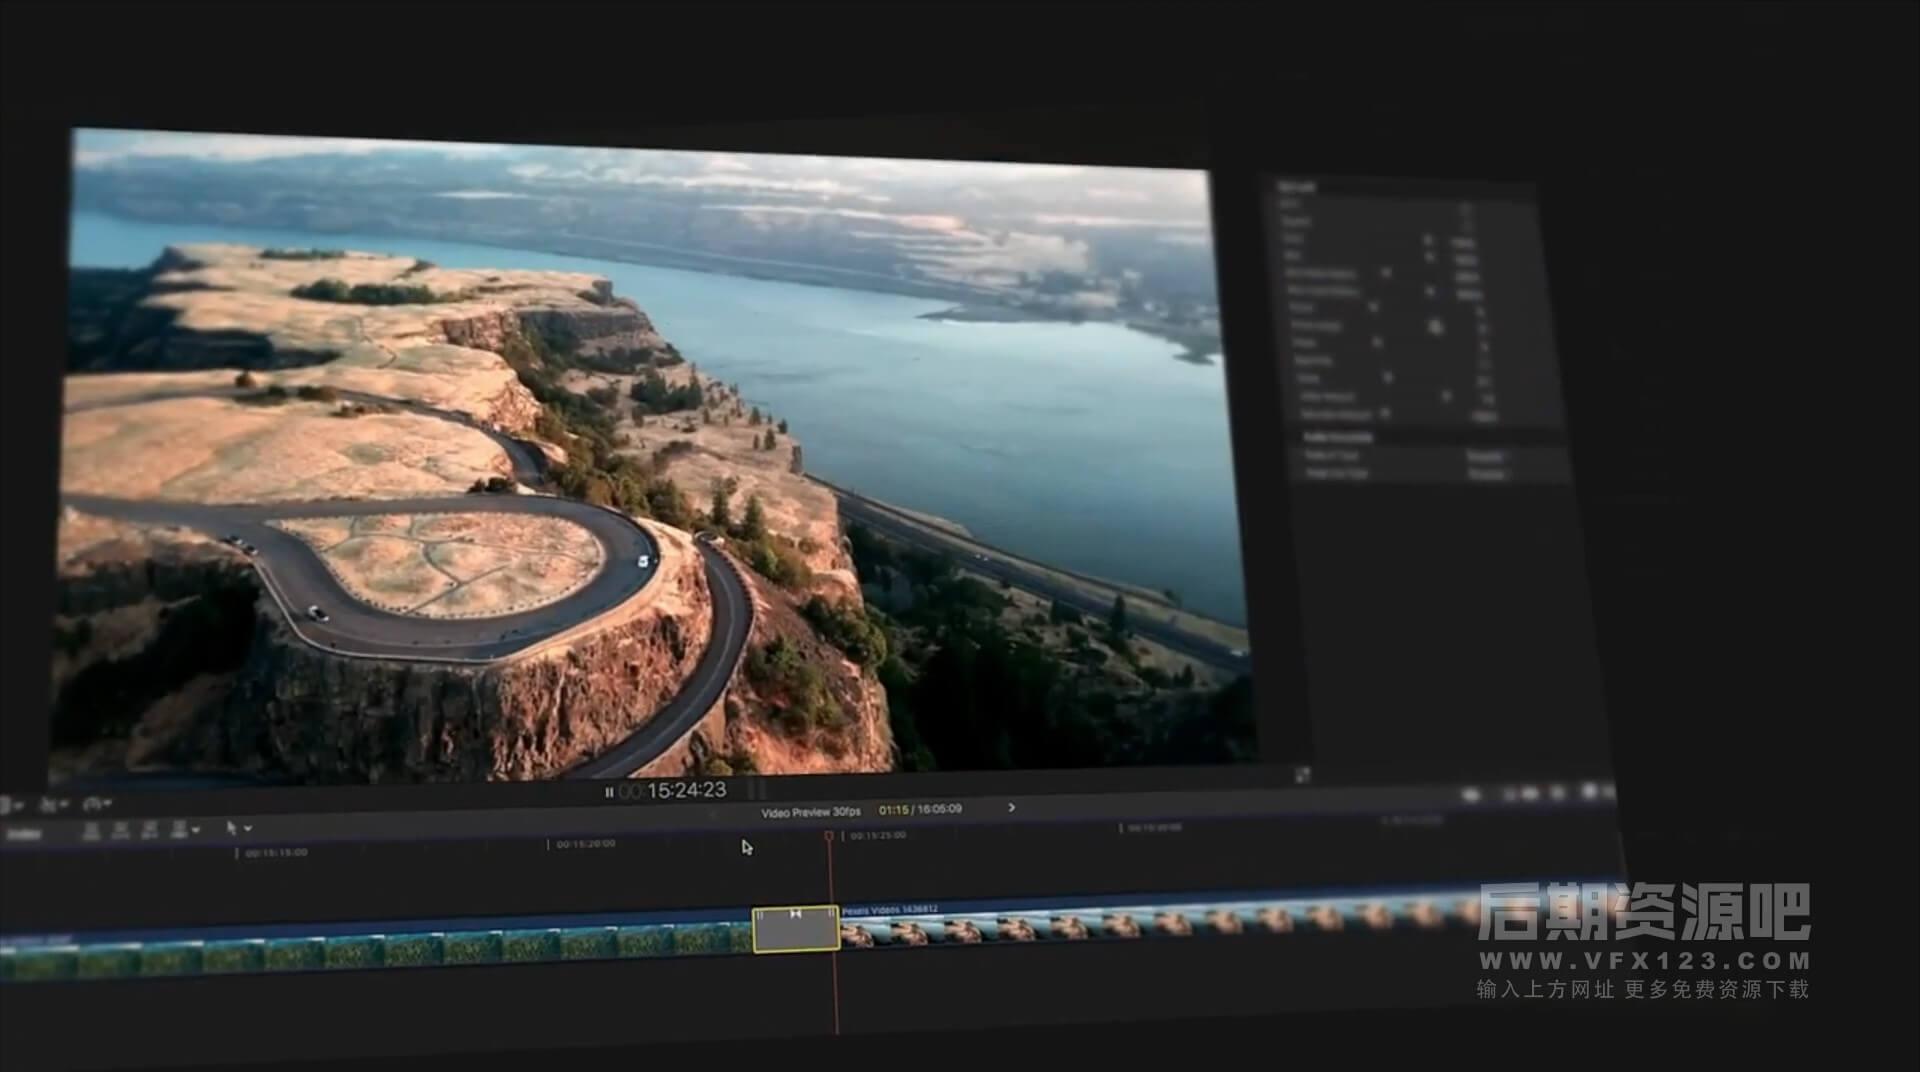 Fcpx转场插件 150组4K现代流行镜头摇移缩放旋转拉伸干扰效果+音效素材